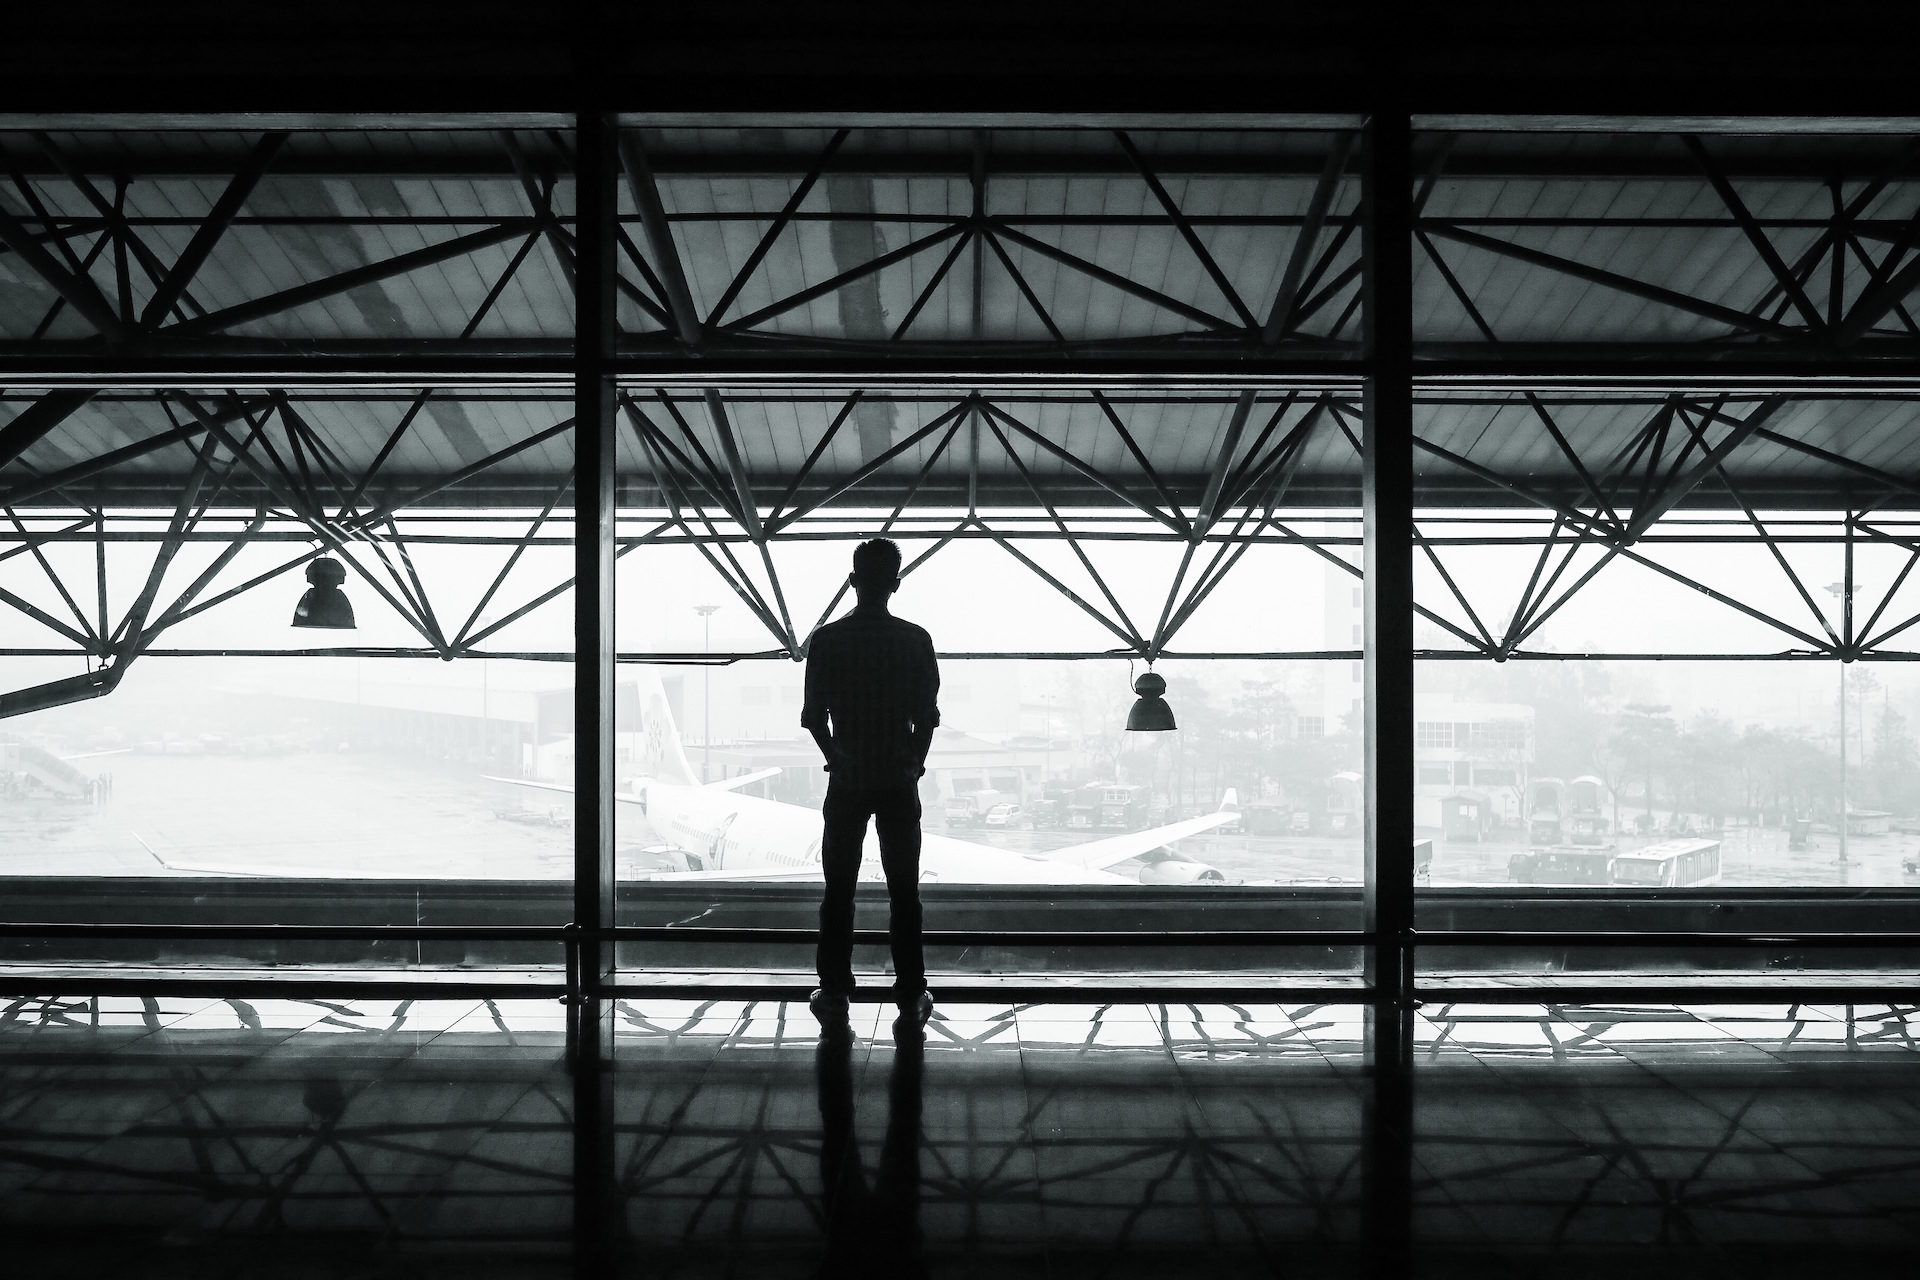 aeropuerto, viajero, espera, soledad, aviones - Fondos de Pantalla HD - professor-falken.com